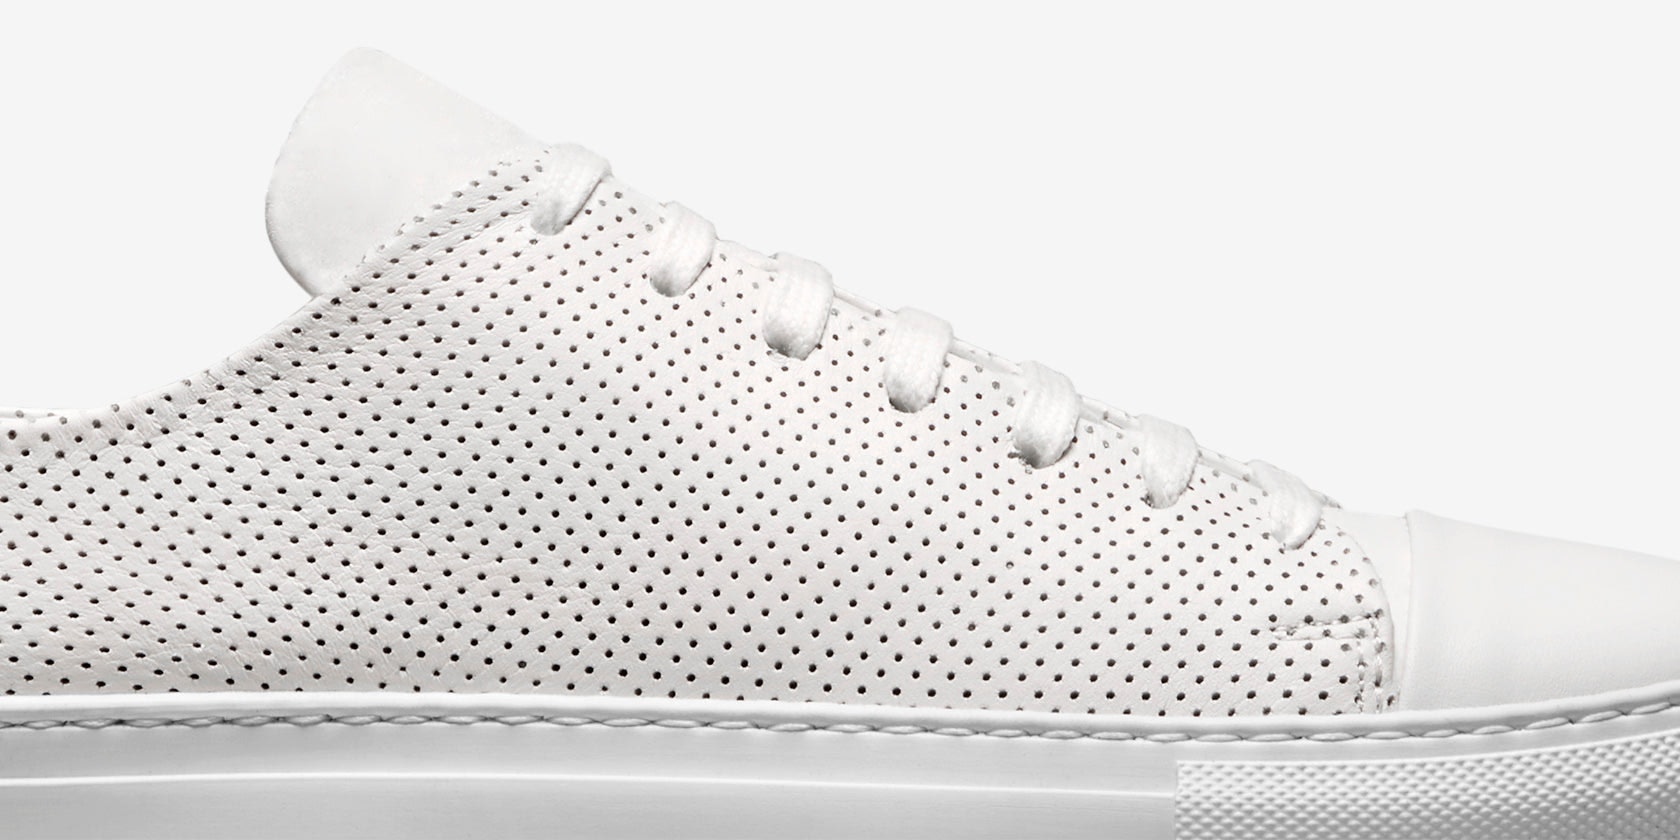 Design Details for Erving | White